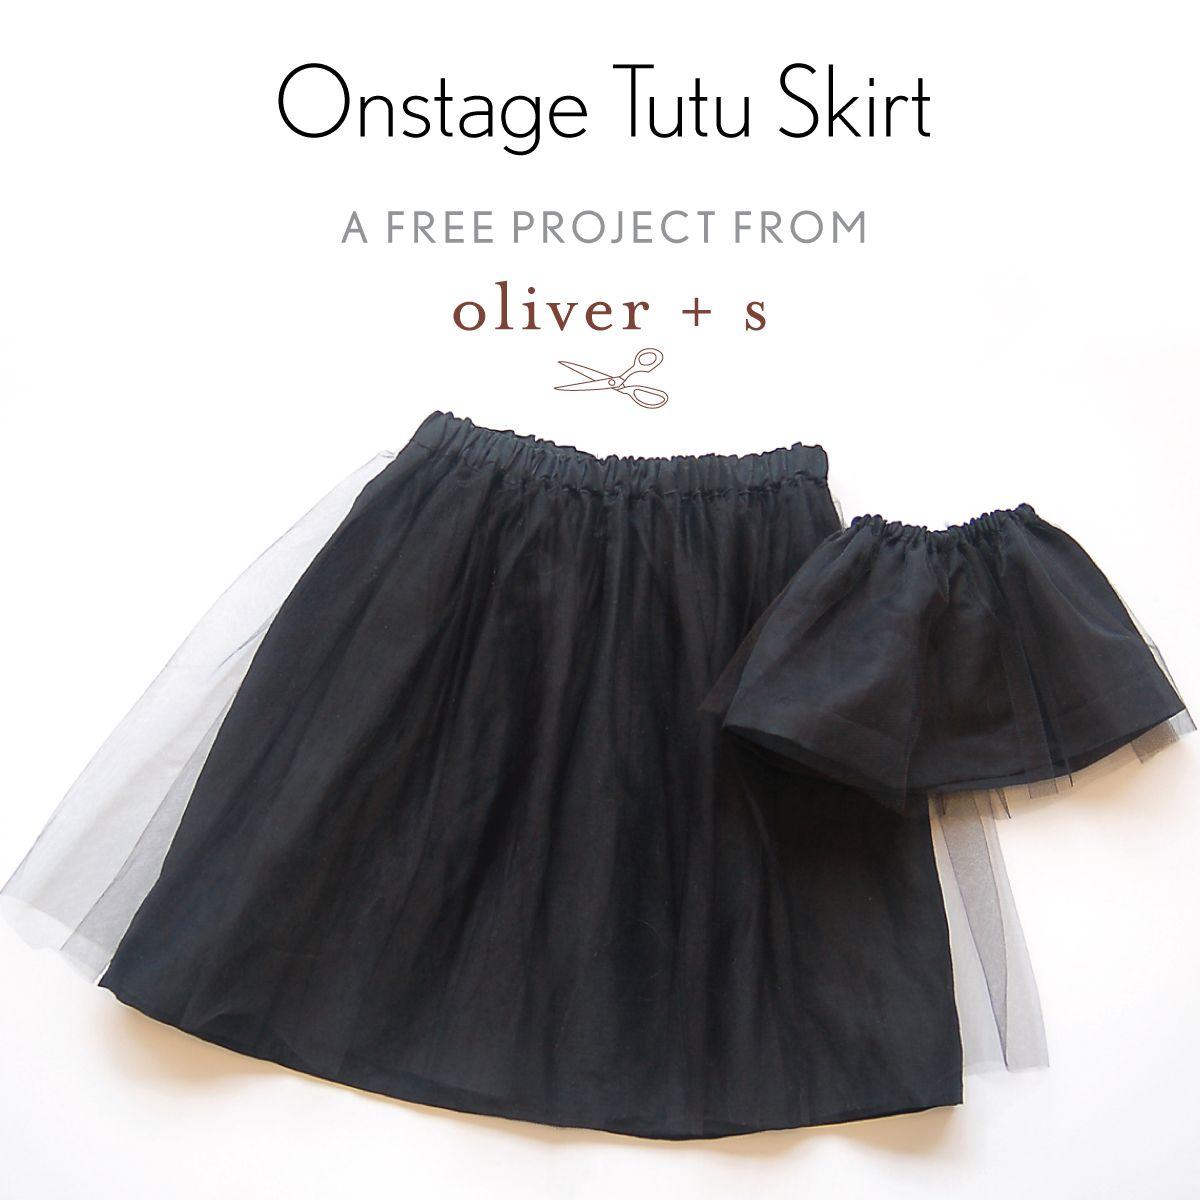 free onstage tutu skirt pattern | Kinderkleidung, Färben und Couture